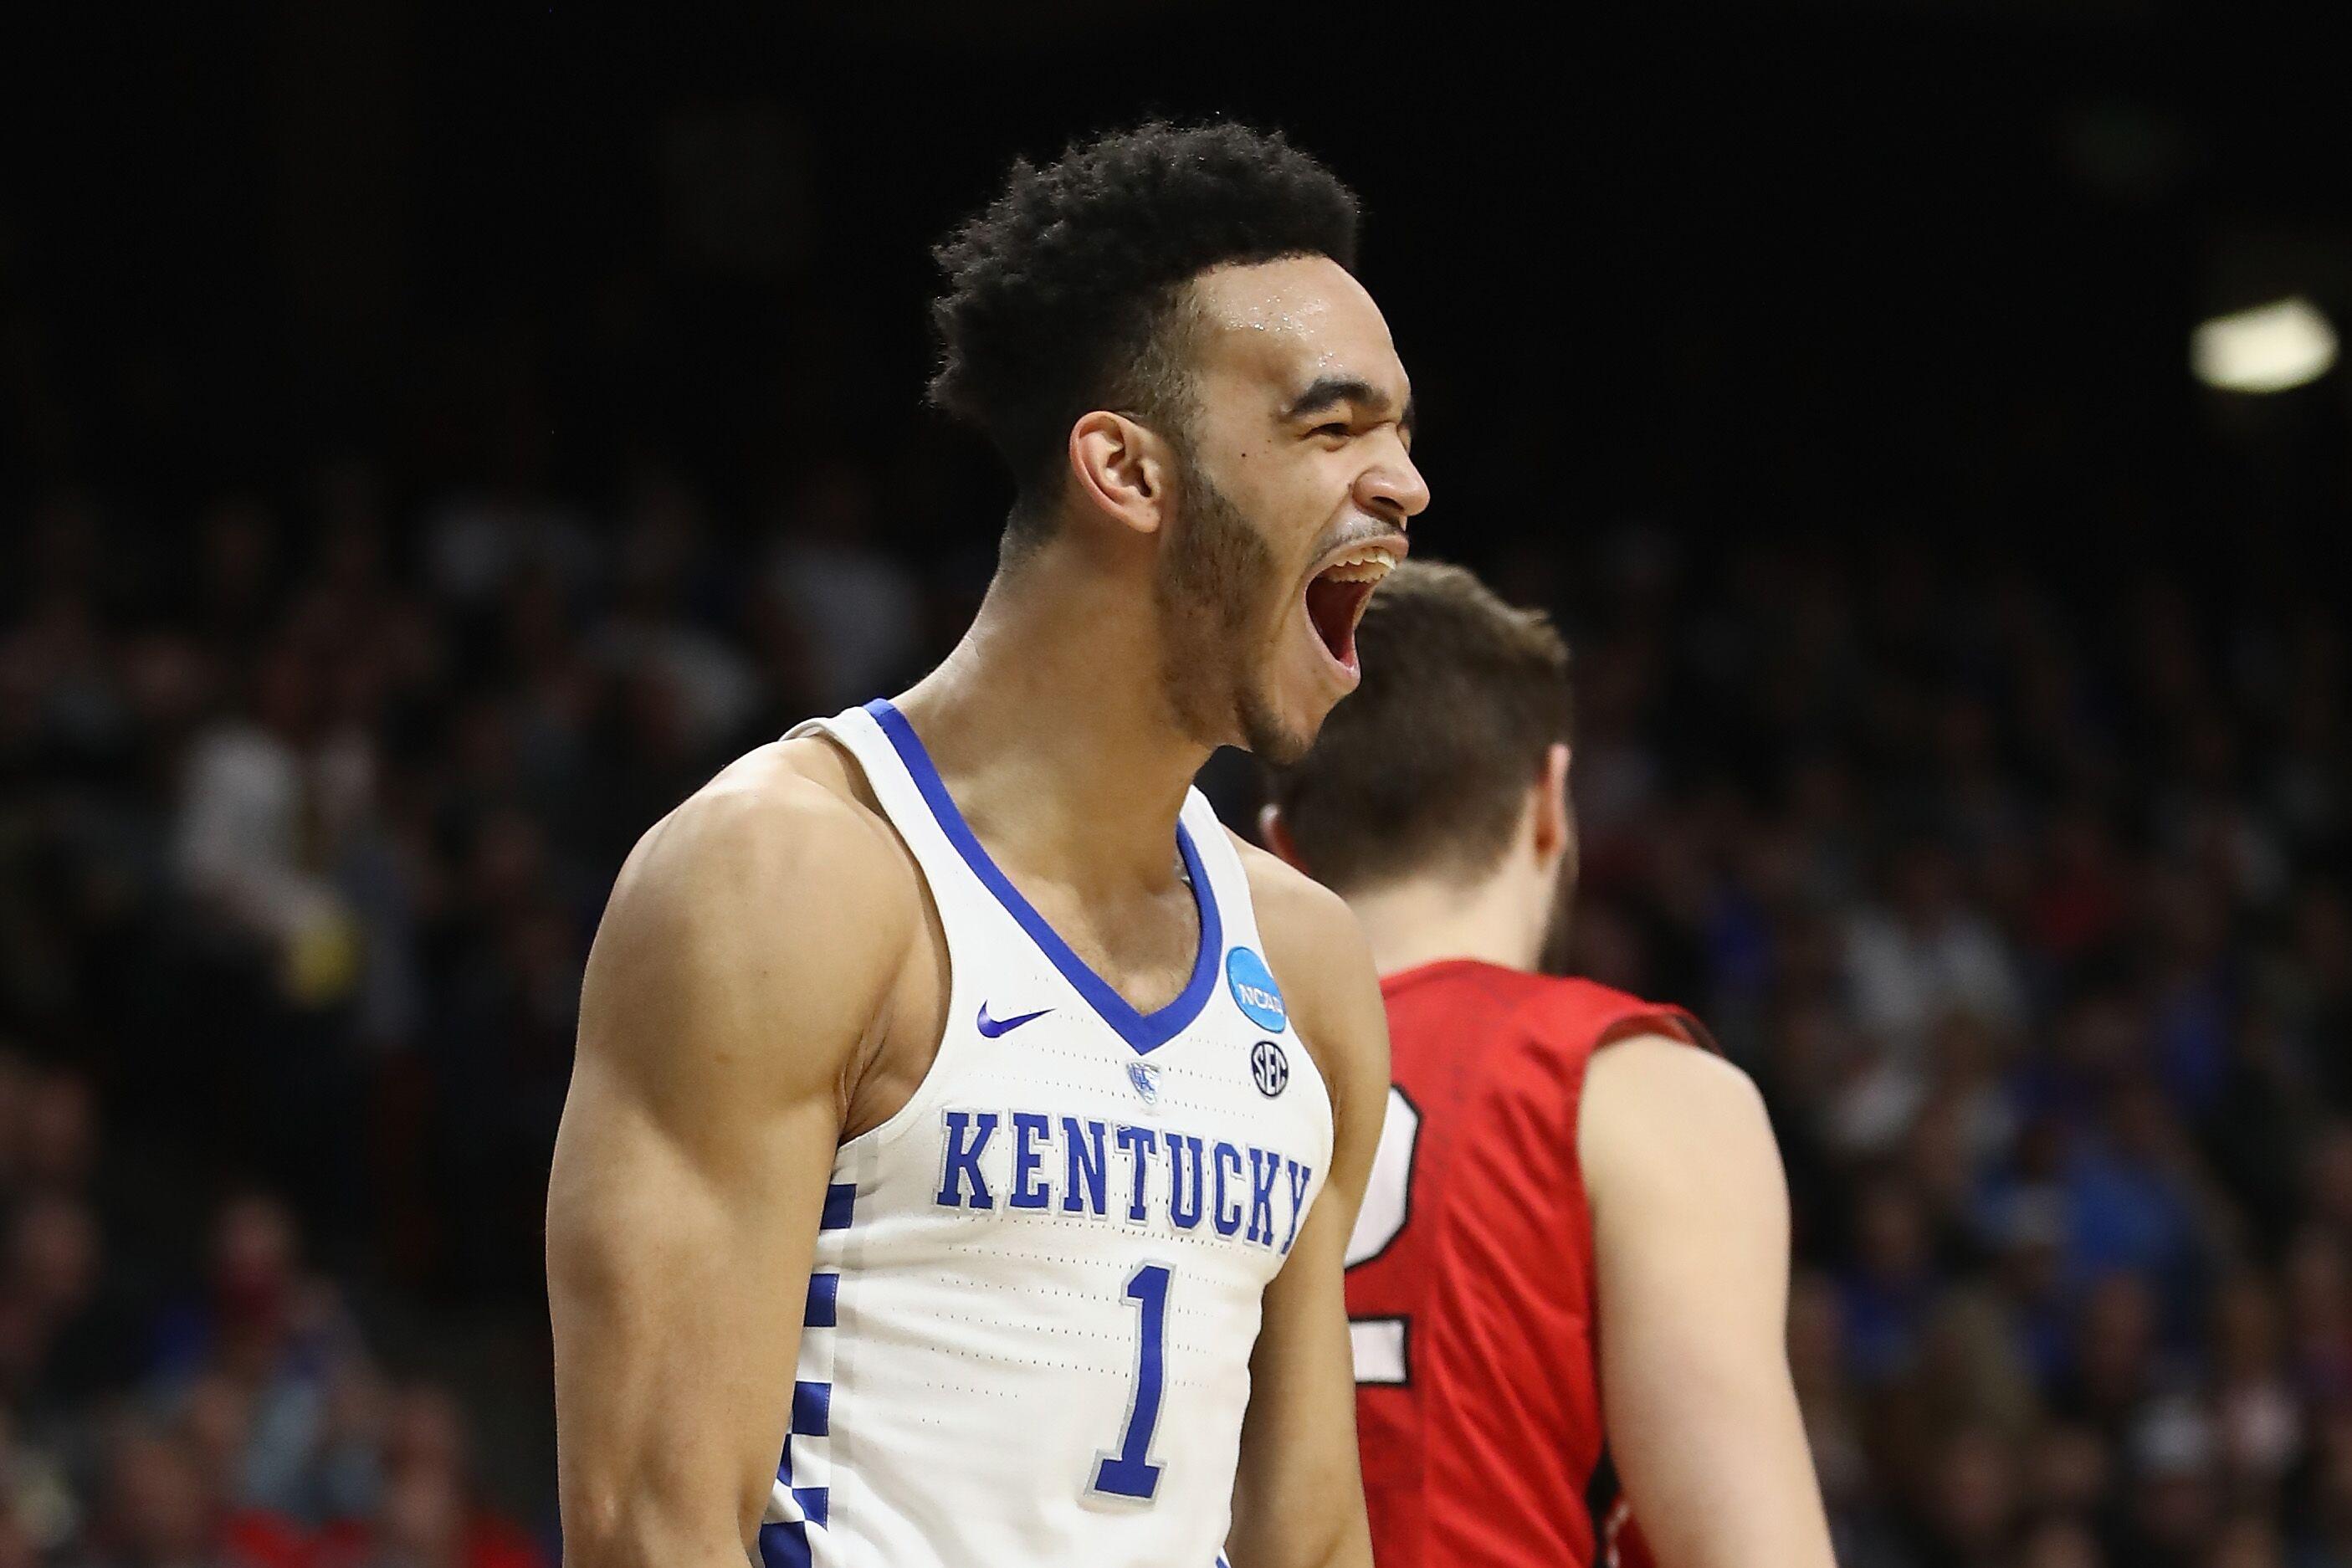 UNC Basketball: Tar Heels pursuing Kentucky transfer